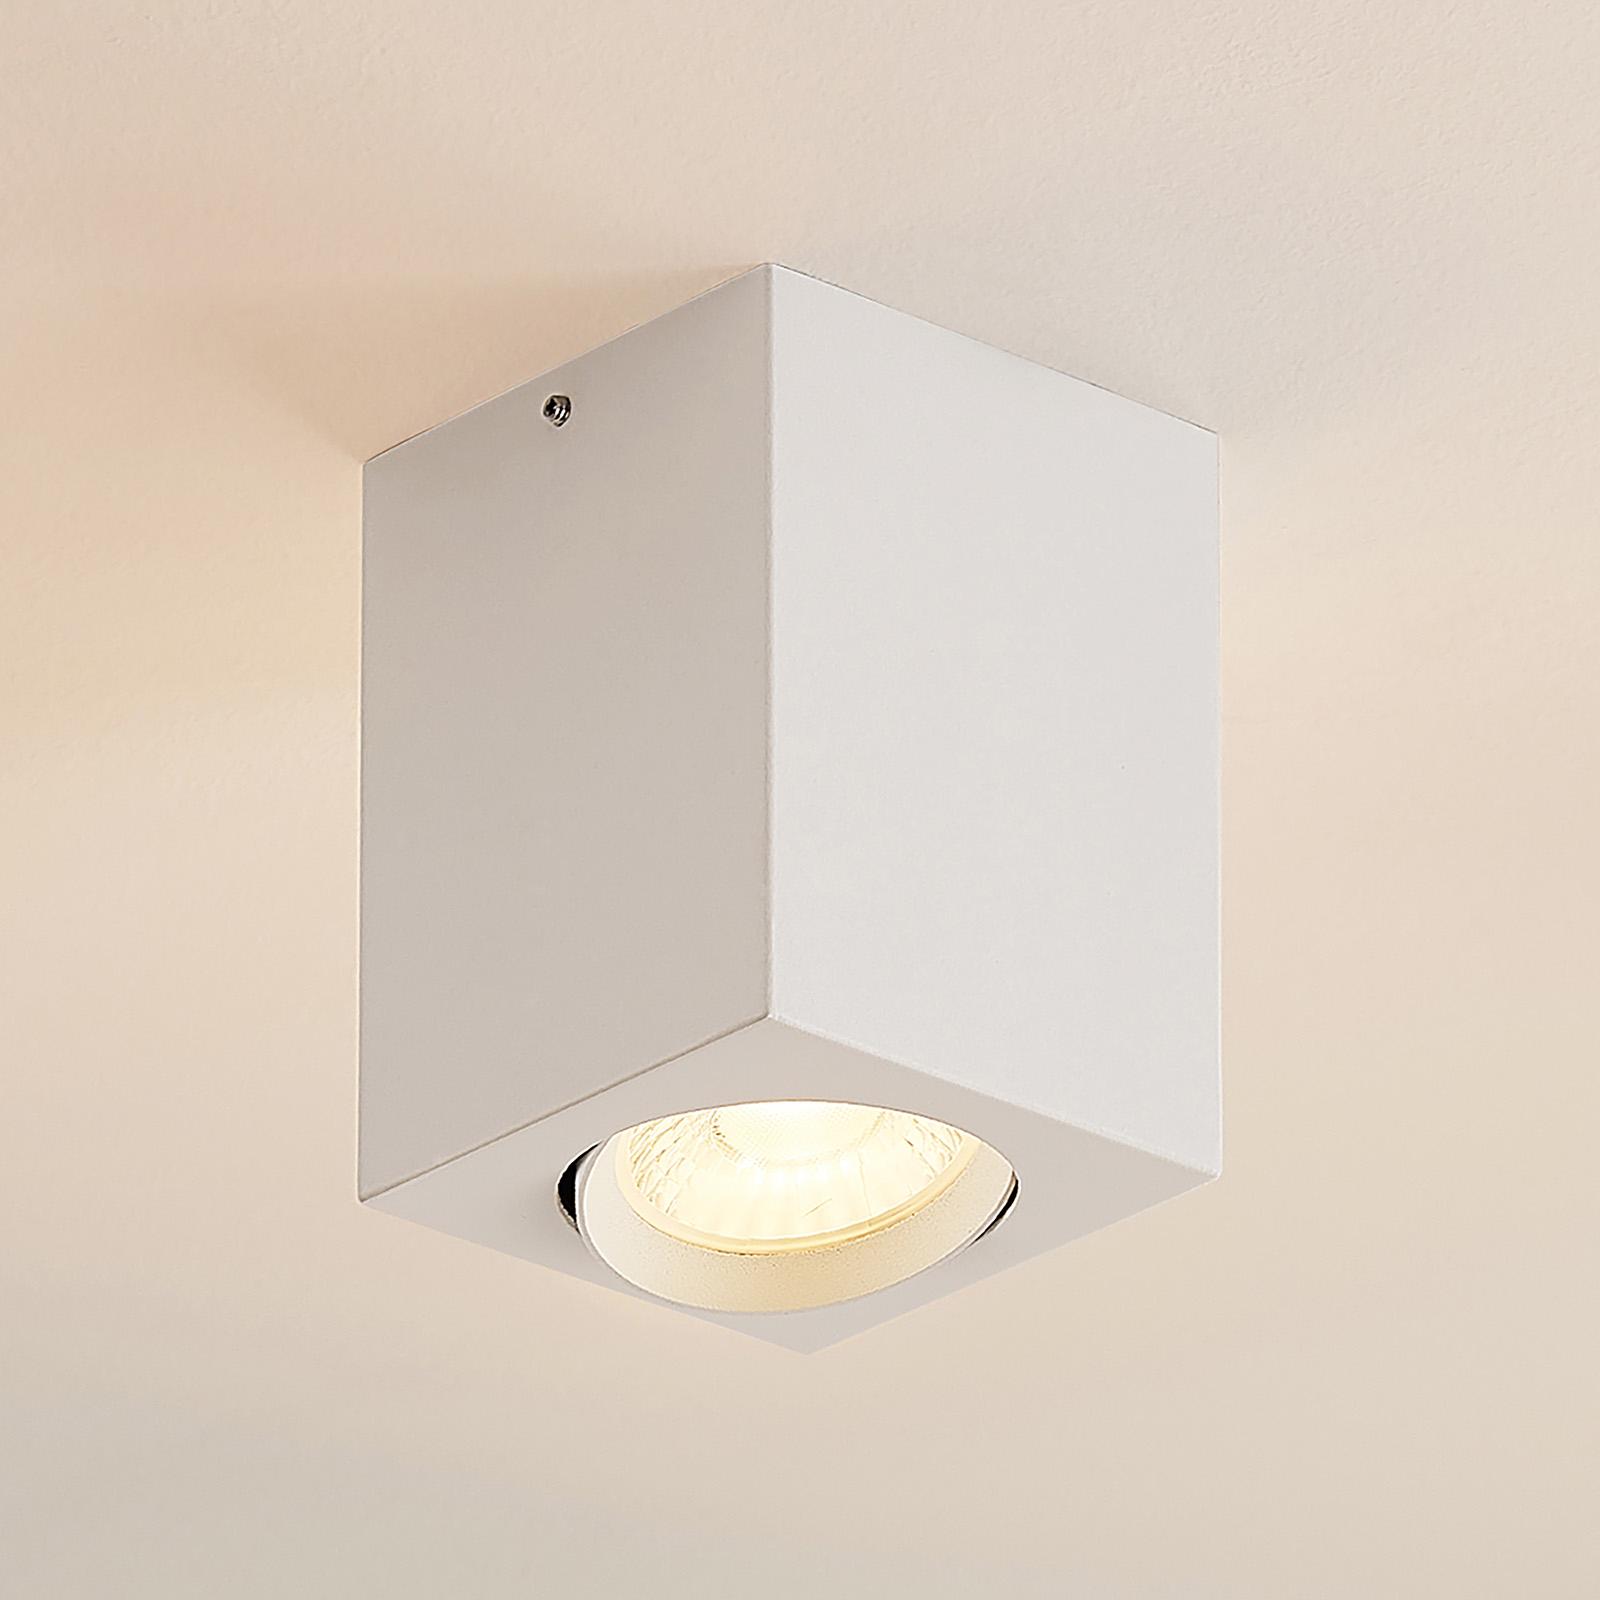 Arcchio Basir LED-kohdevalo, valkoinen, 4,8 W